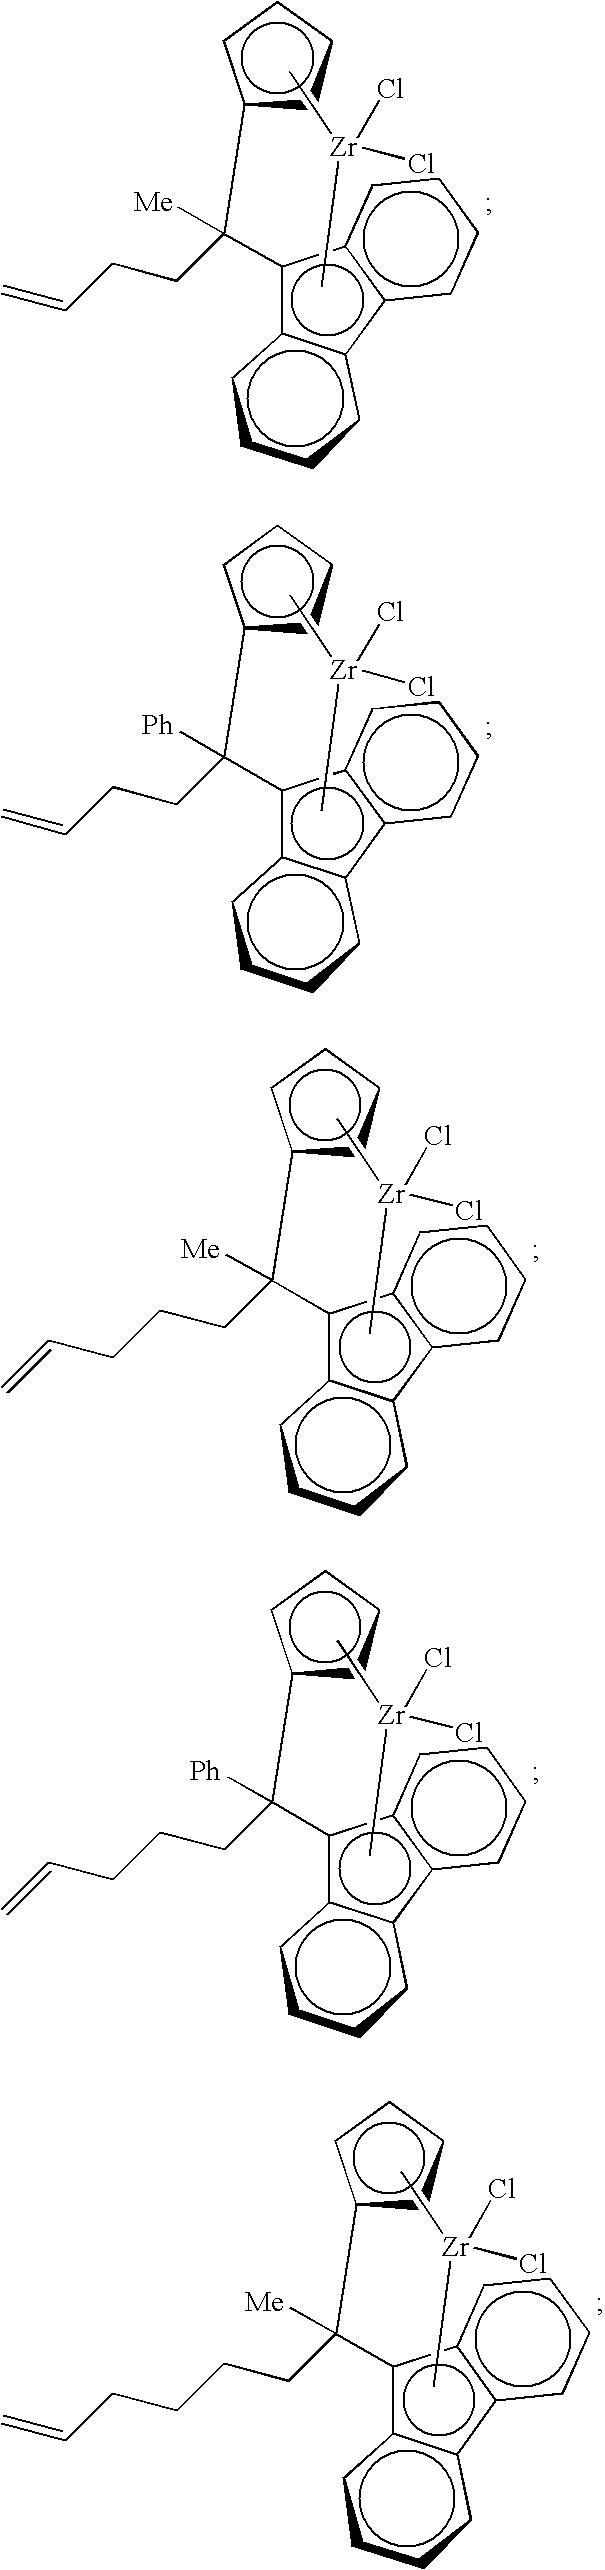 Figure US20050288461A1-20051229-C00012